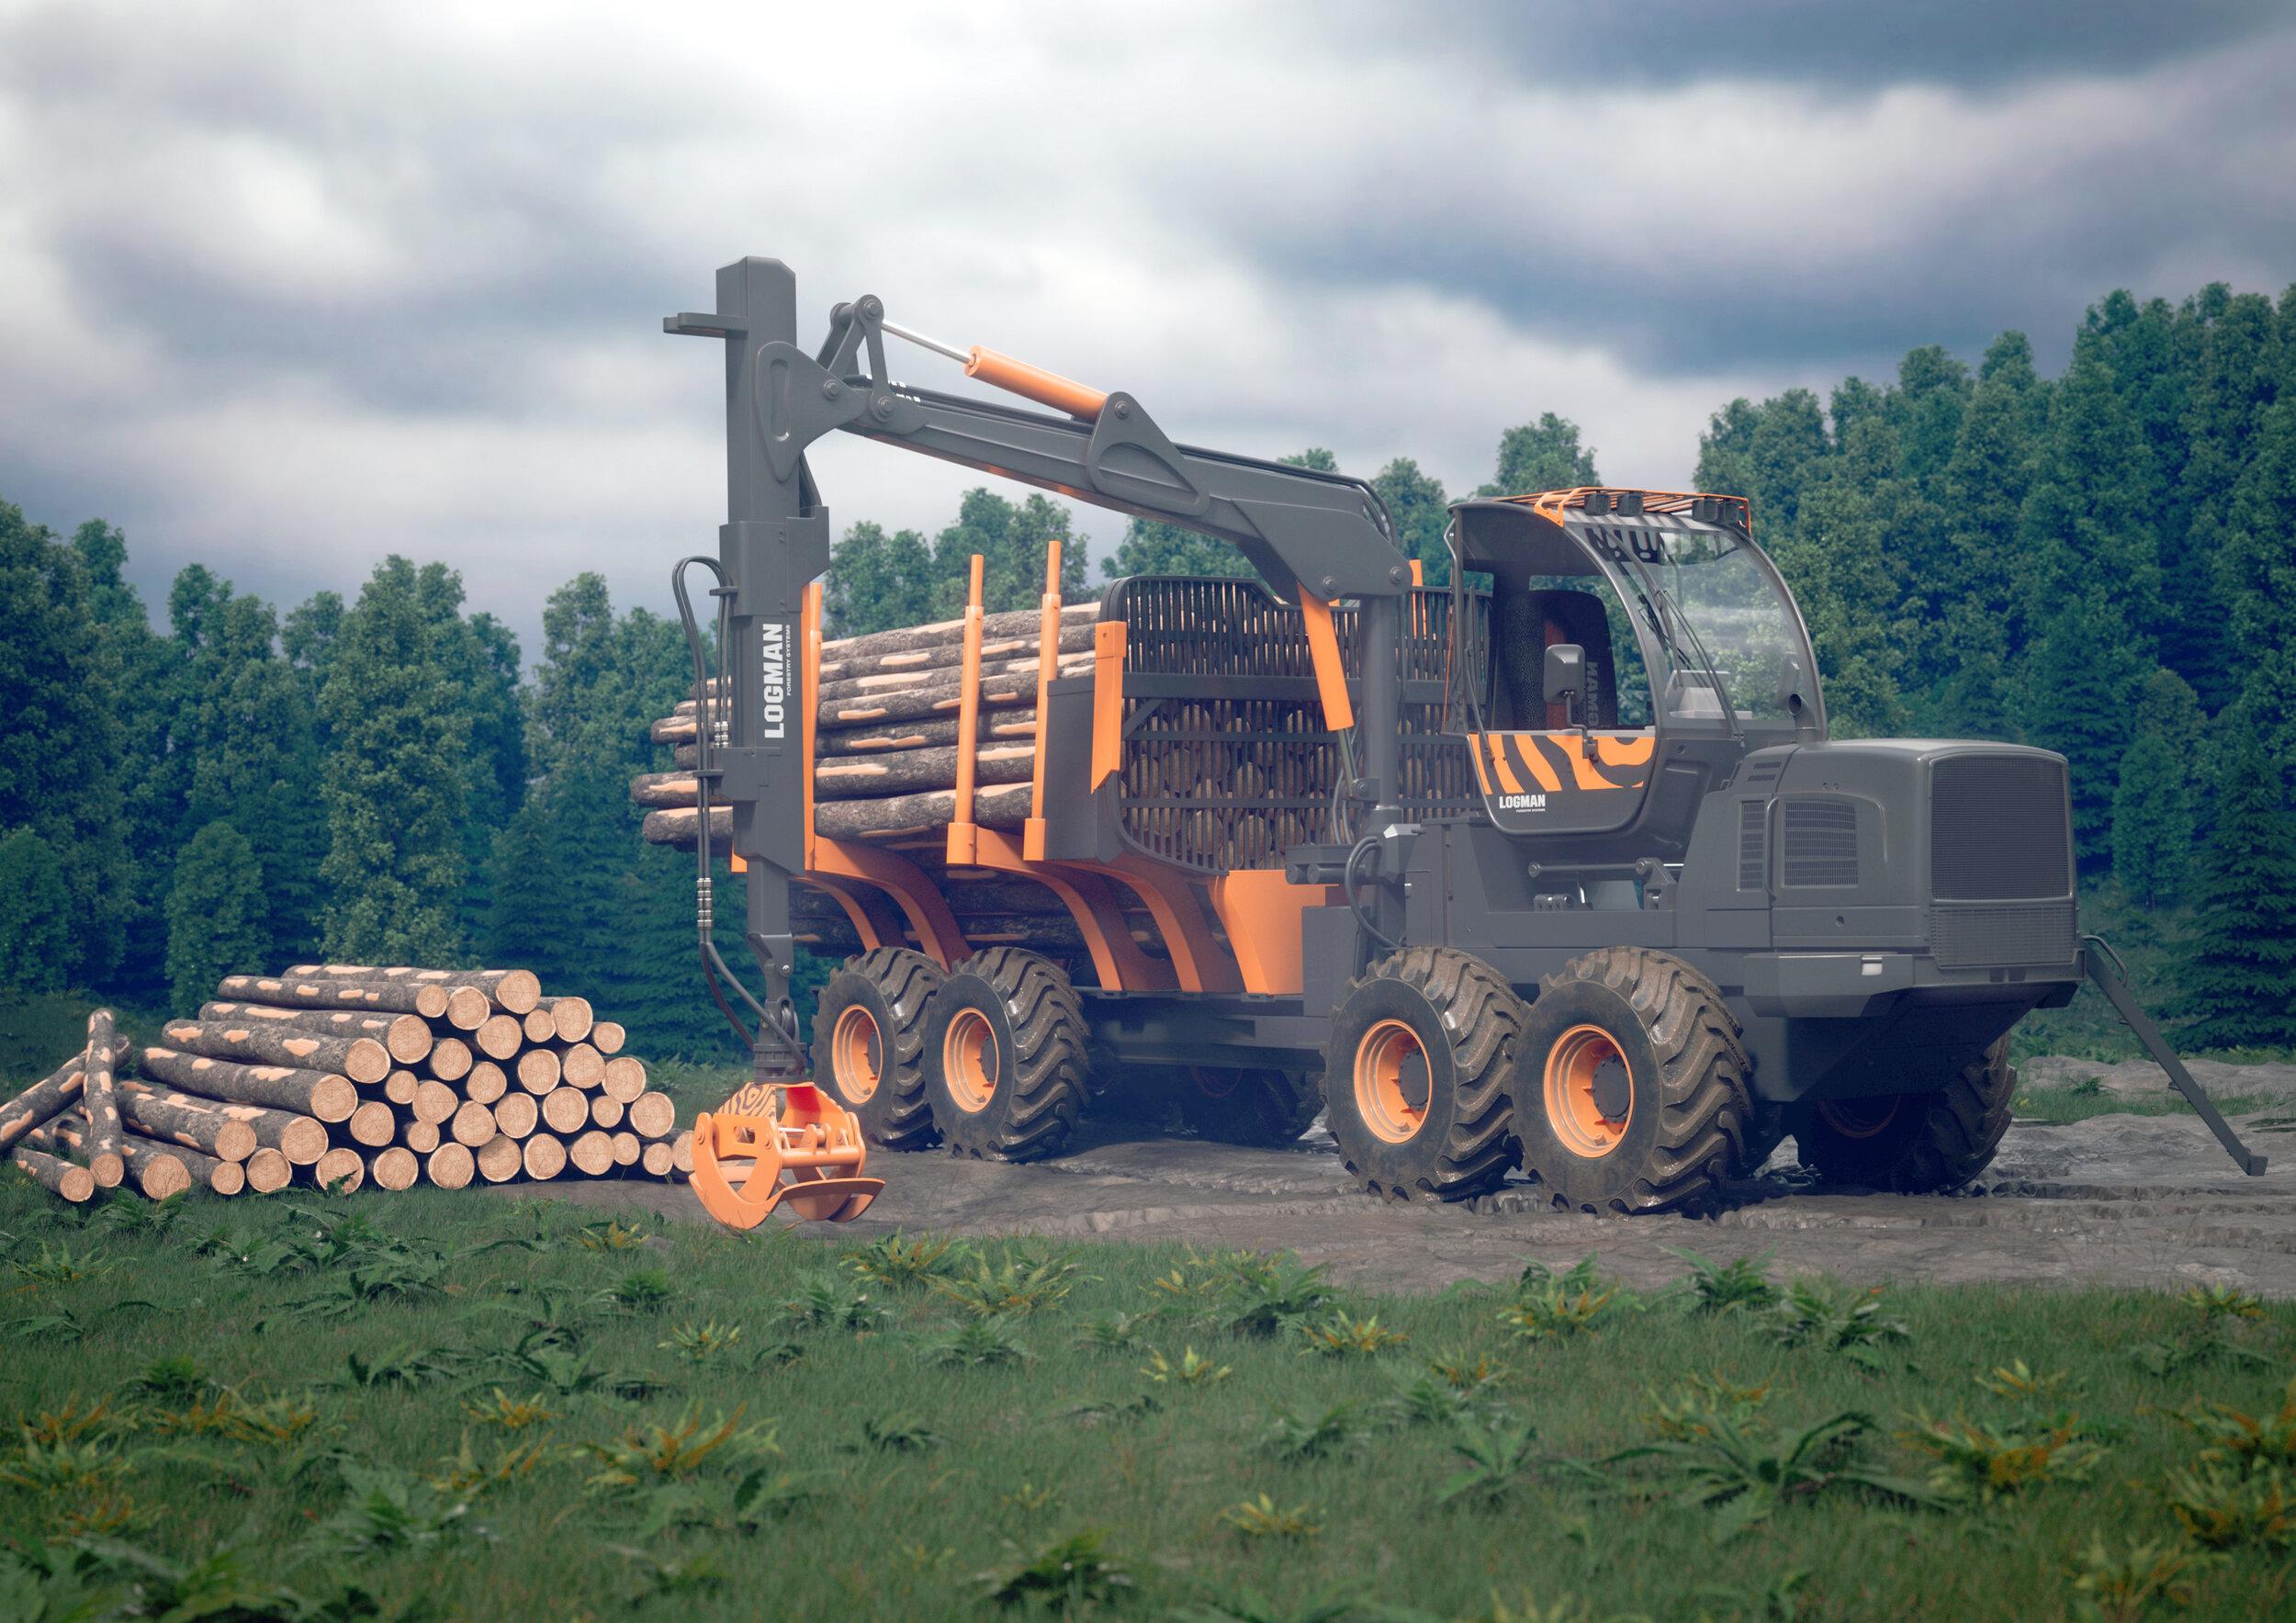 """Финский производитель лесозаготовительных машин уже более 10 лет работает на российском рынке. За это время харвестеры Logman получили высокие оценки как среди своих потребителей, так и среди экспертов отрасли. Компания стала известной в России благодаря своей производительности, надежности, функциональности, техническому обслуживанию, а также экологичности. Logman не раз получал престижную отраслевую премию """"Железный человек''- знак признания достижений в области технологий и оборудования для лесного хозяйства и лесозаготовки"""